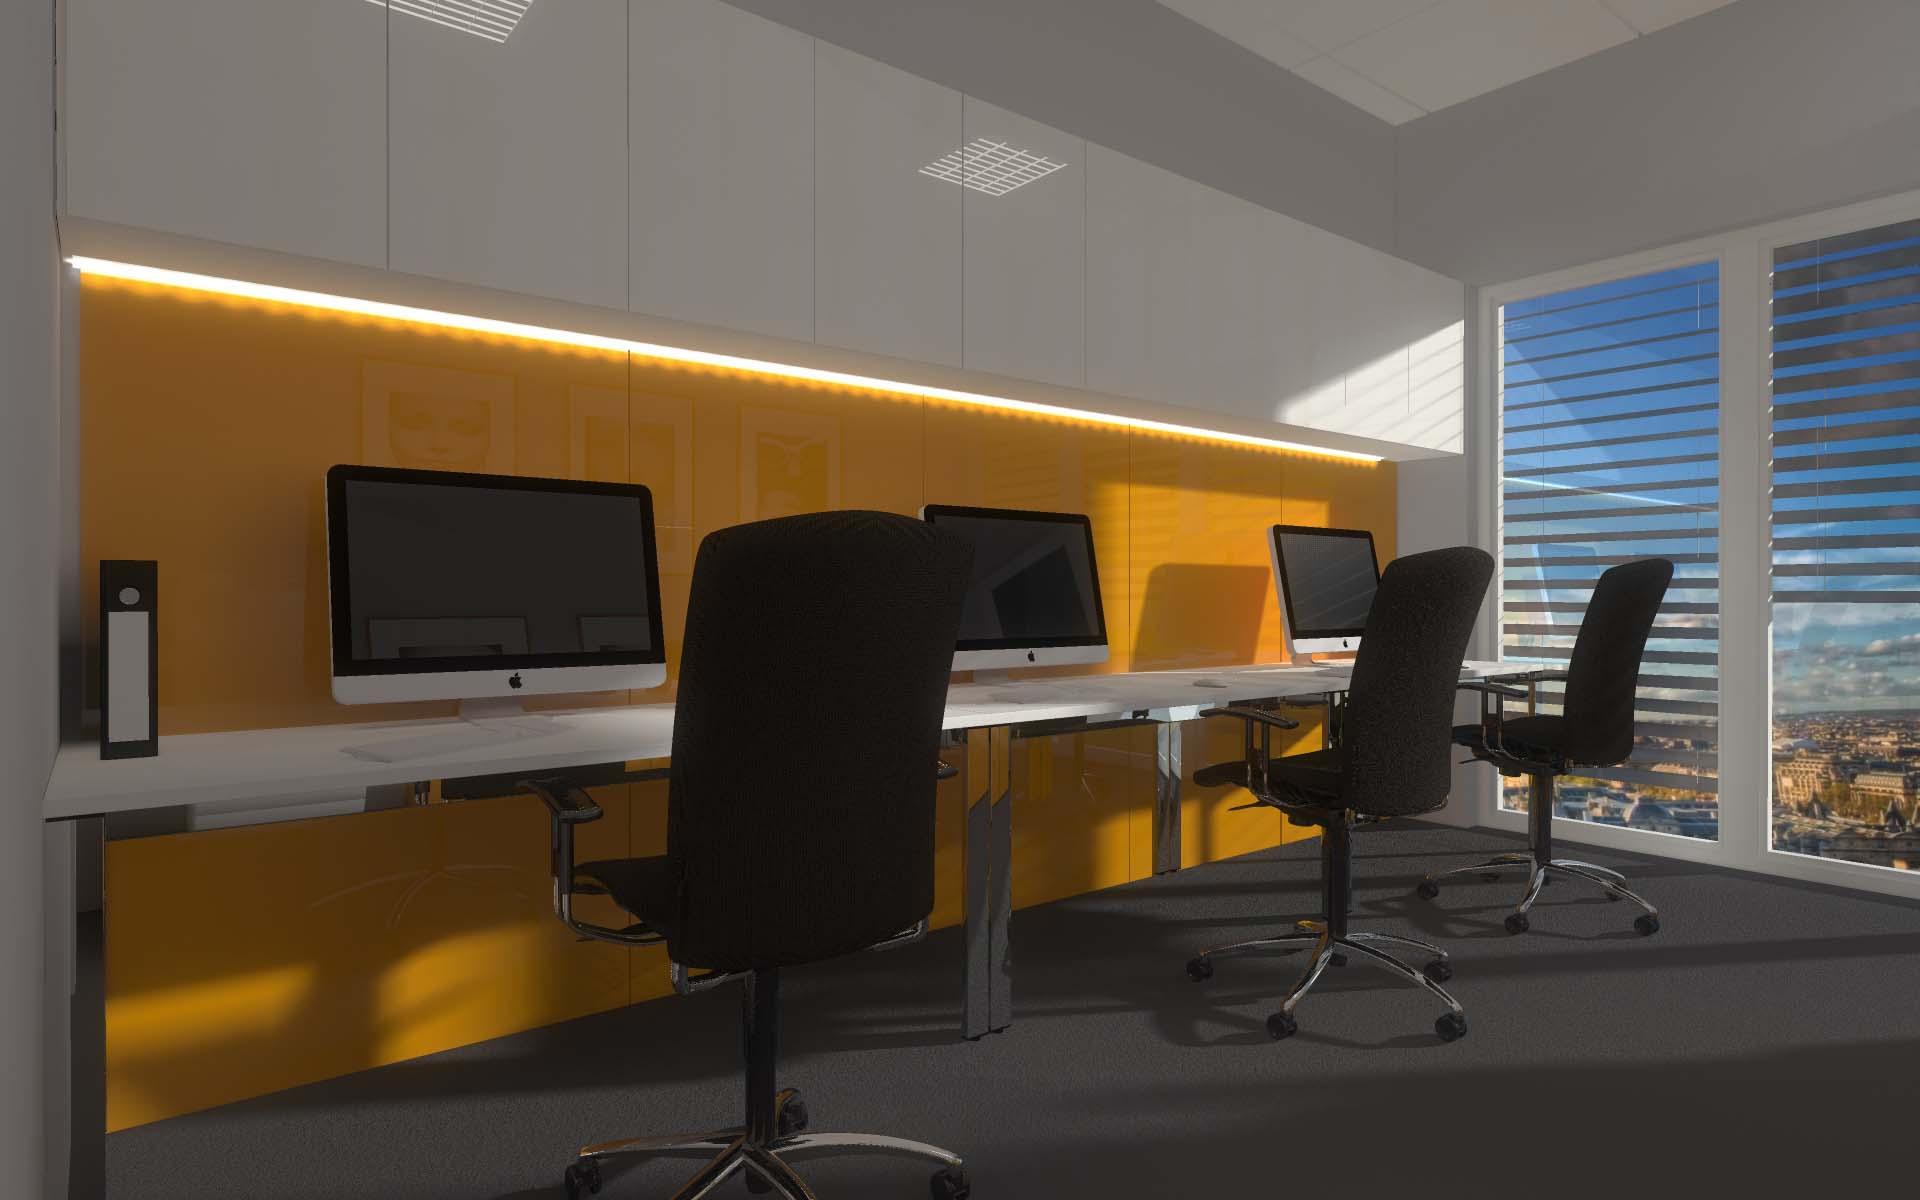 nowoczesne meble biurowe przygotowane na wymiar